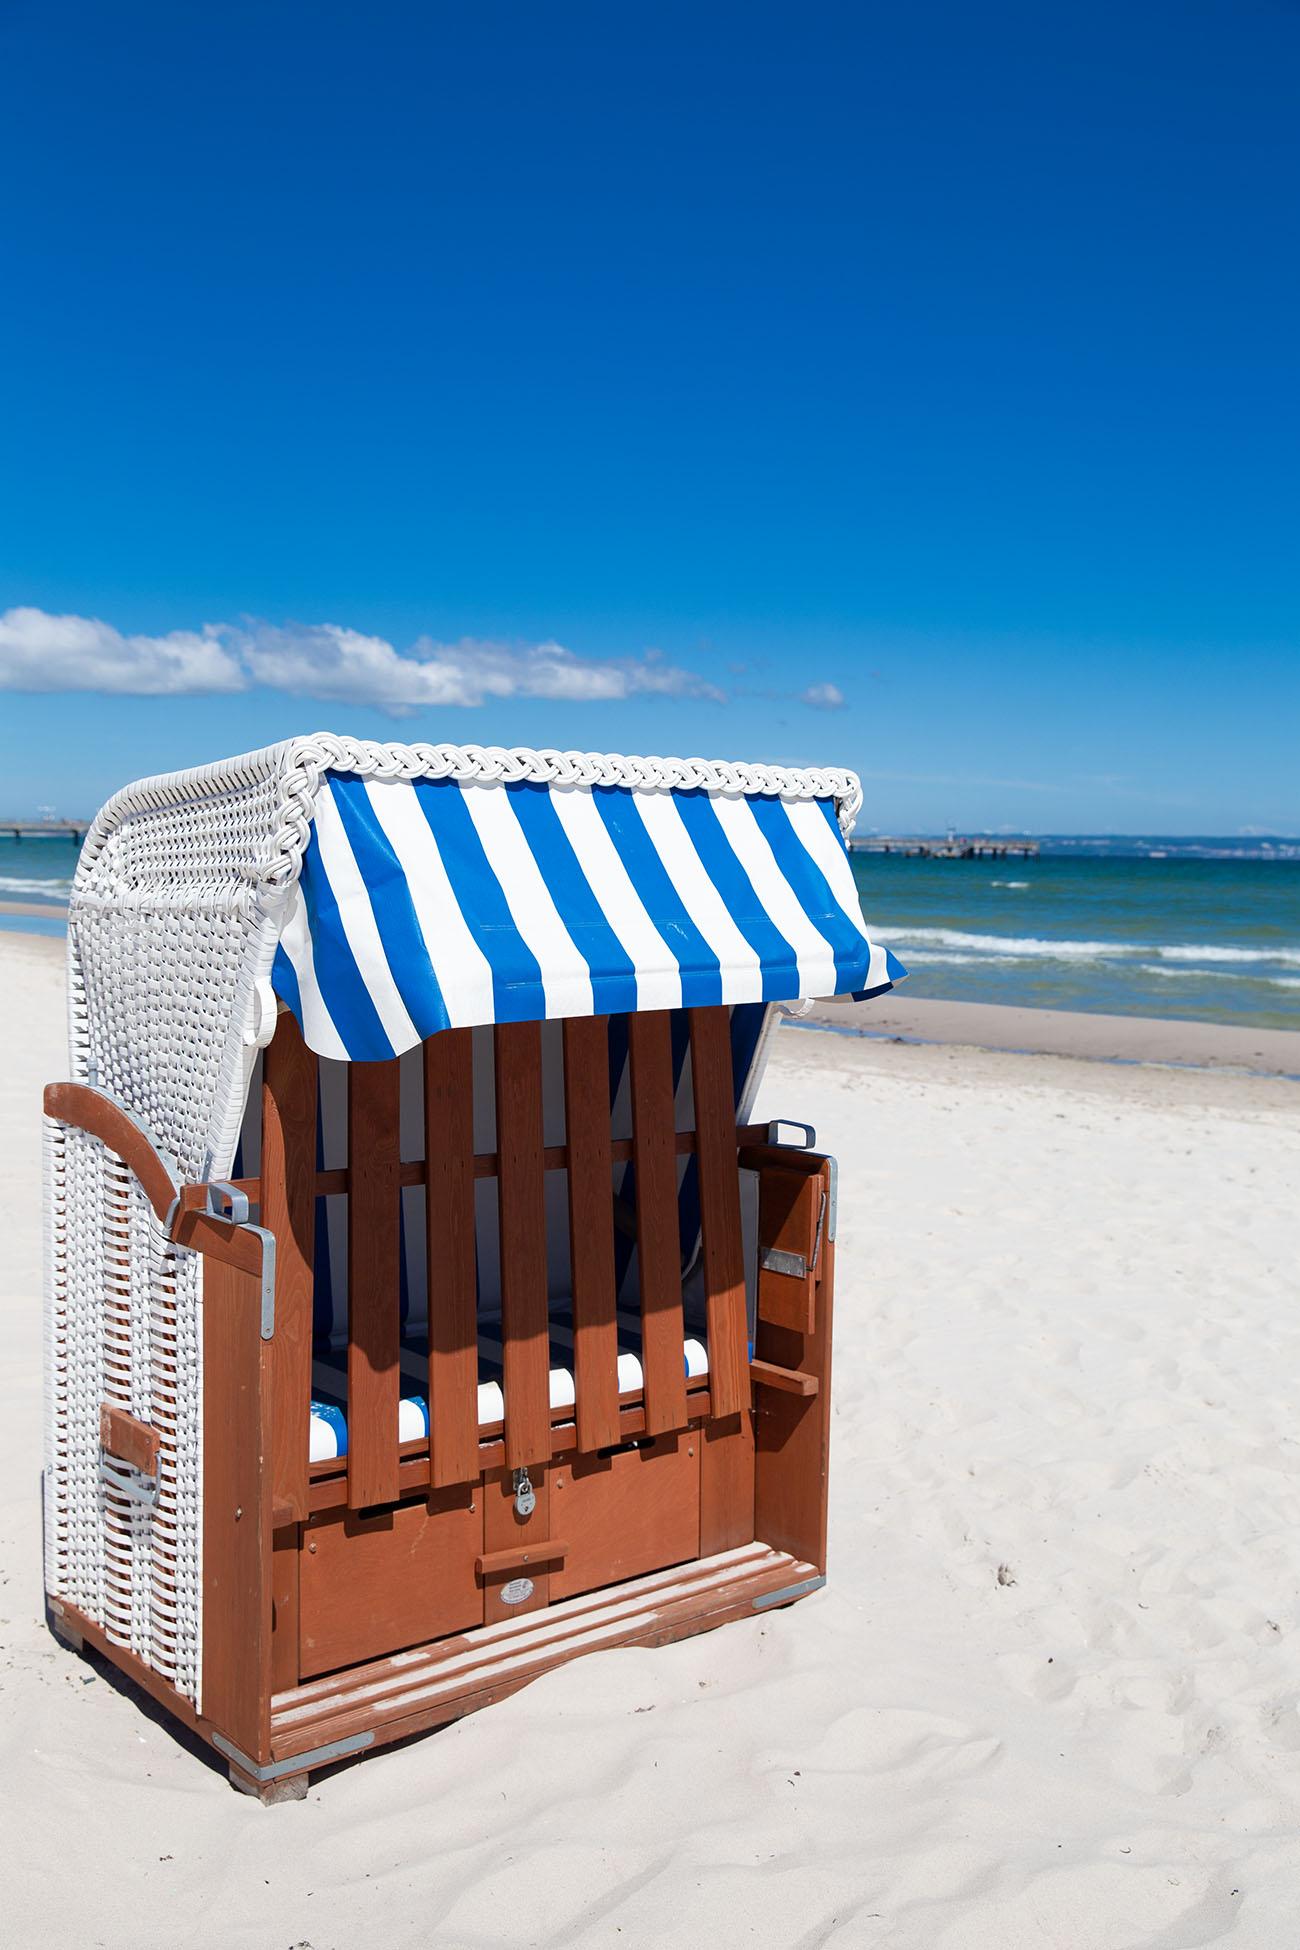 Strandkorb am Strand von Binz